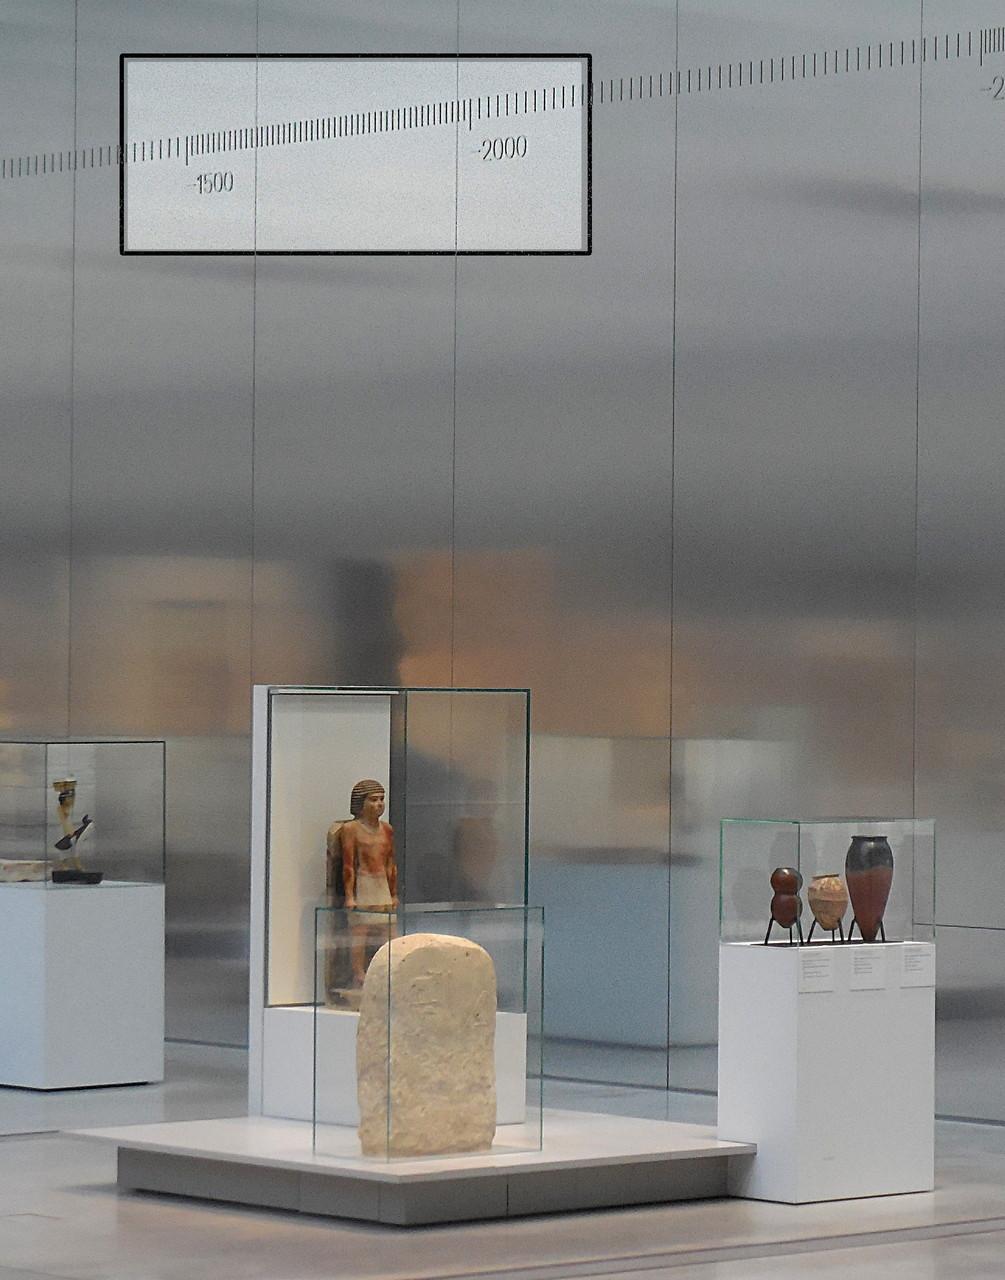 Louvre-Lens, Galerie du temps, détail de la frise chronologique